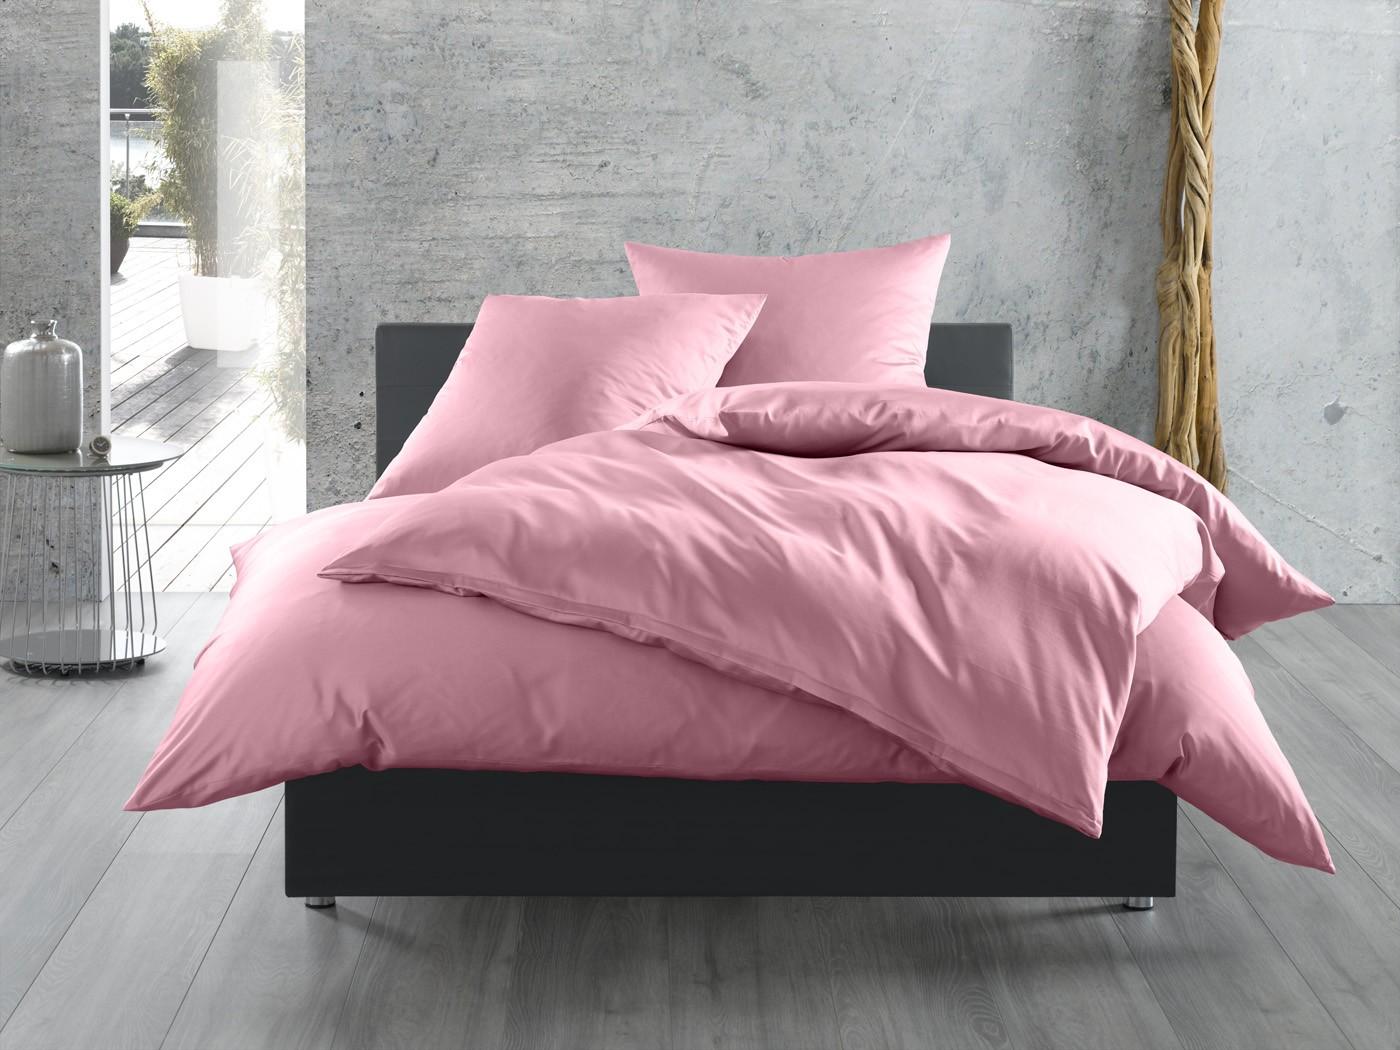 bettw sche in hellrosa auf bettwaesche mit stil. Black Bedroom Furniture Sets. Home Design Ideas